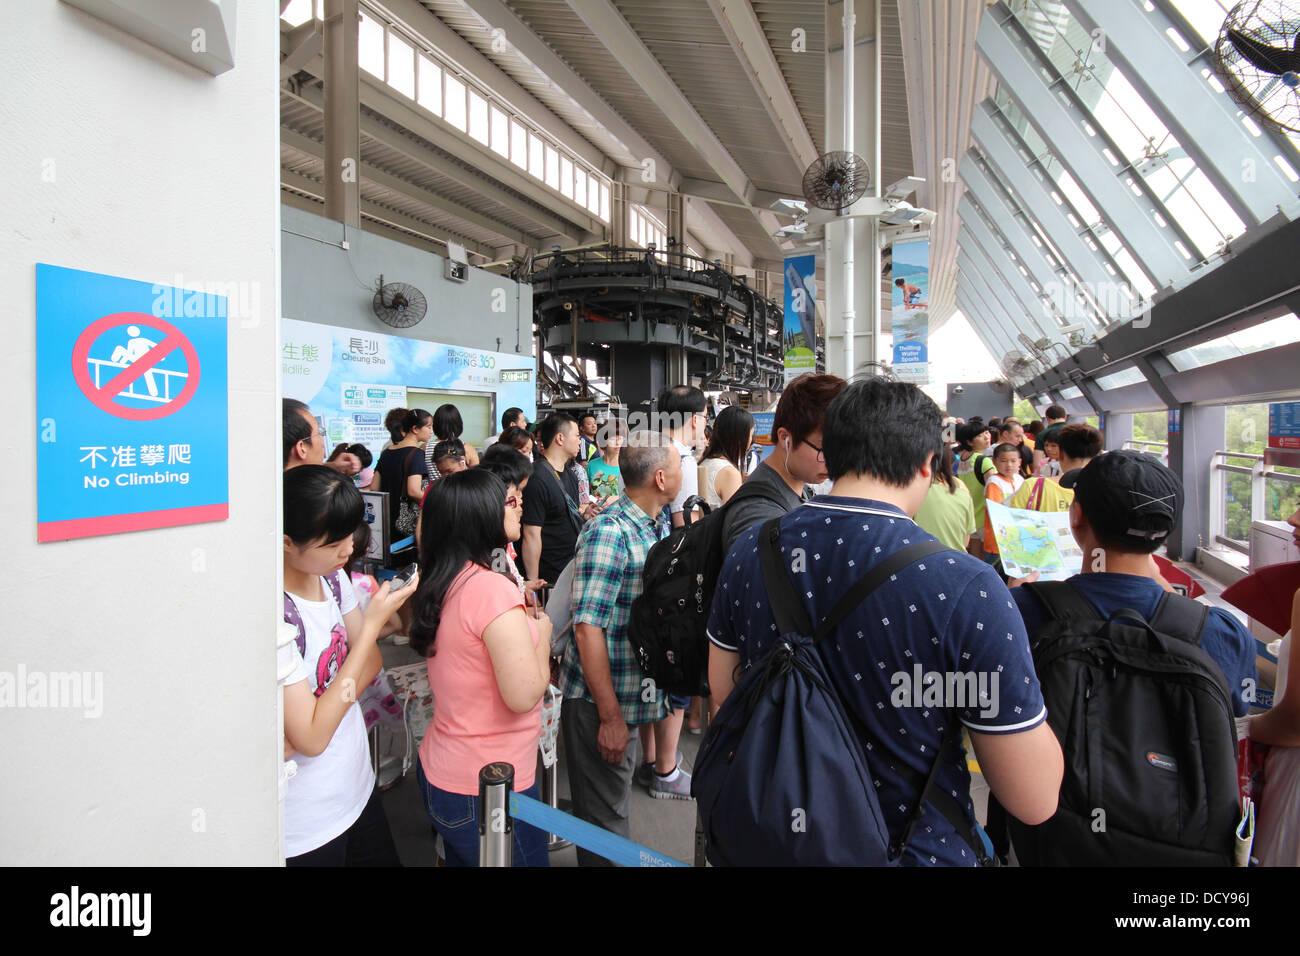 Queue for the cable car at Ngong Ping 360, Lantau Island, Hong Kong, China - Stock Image